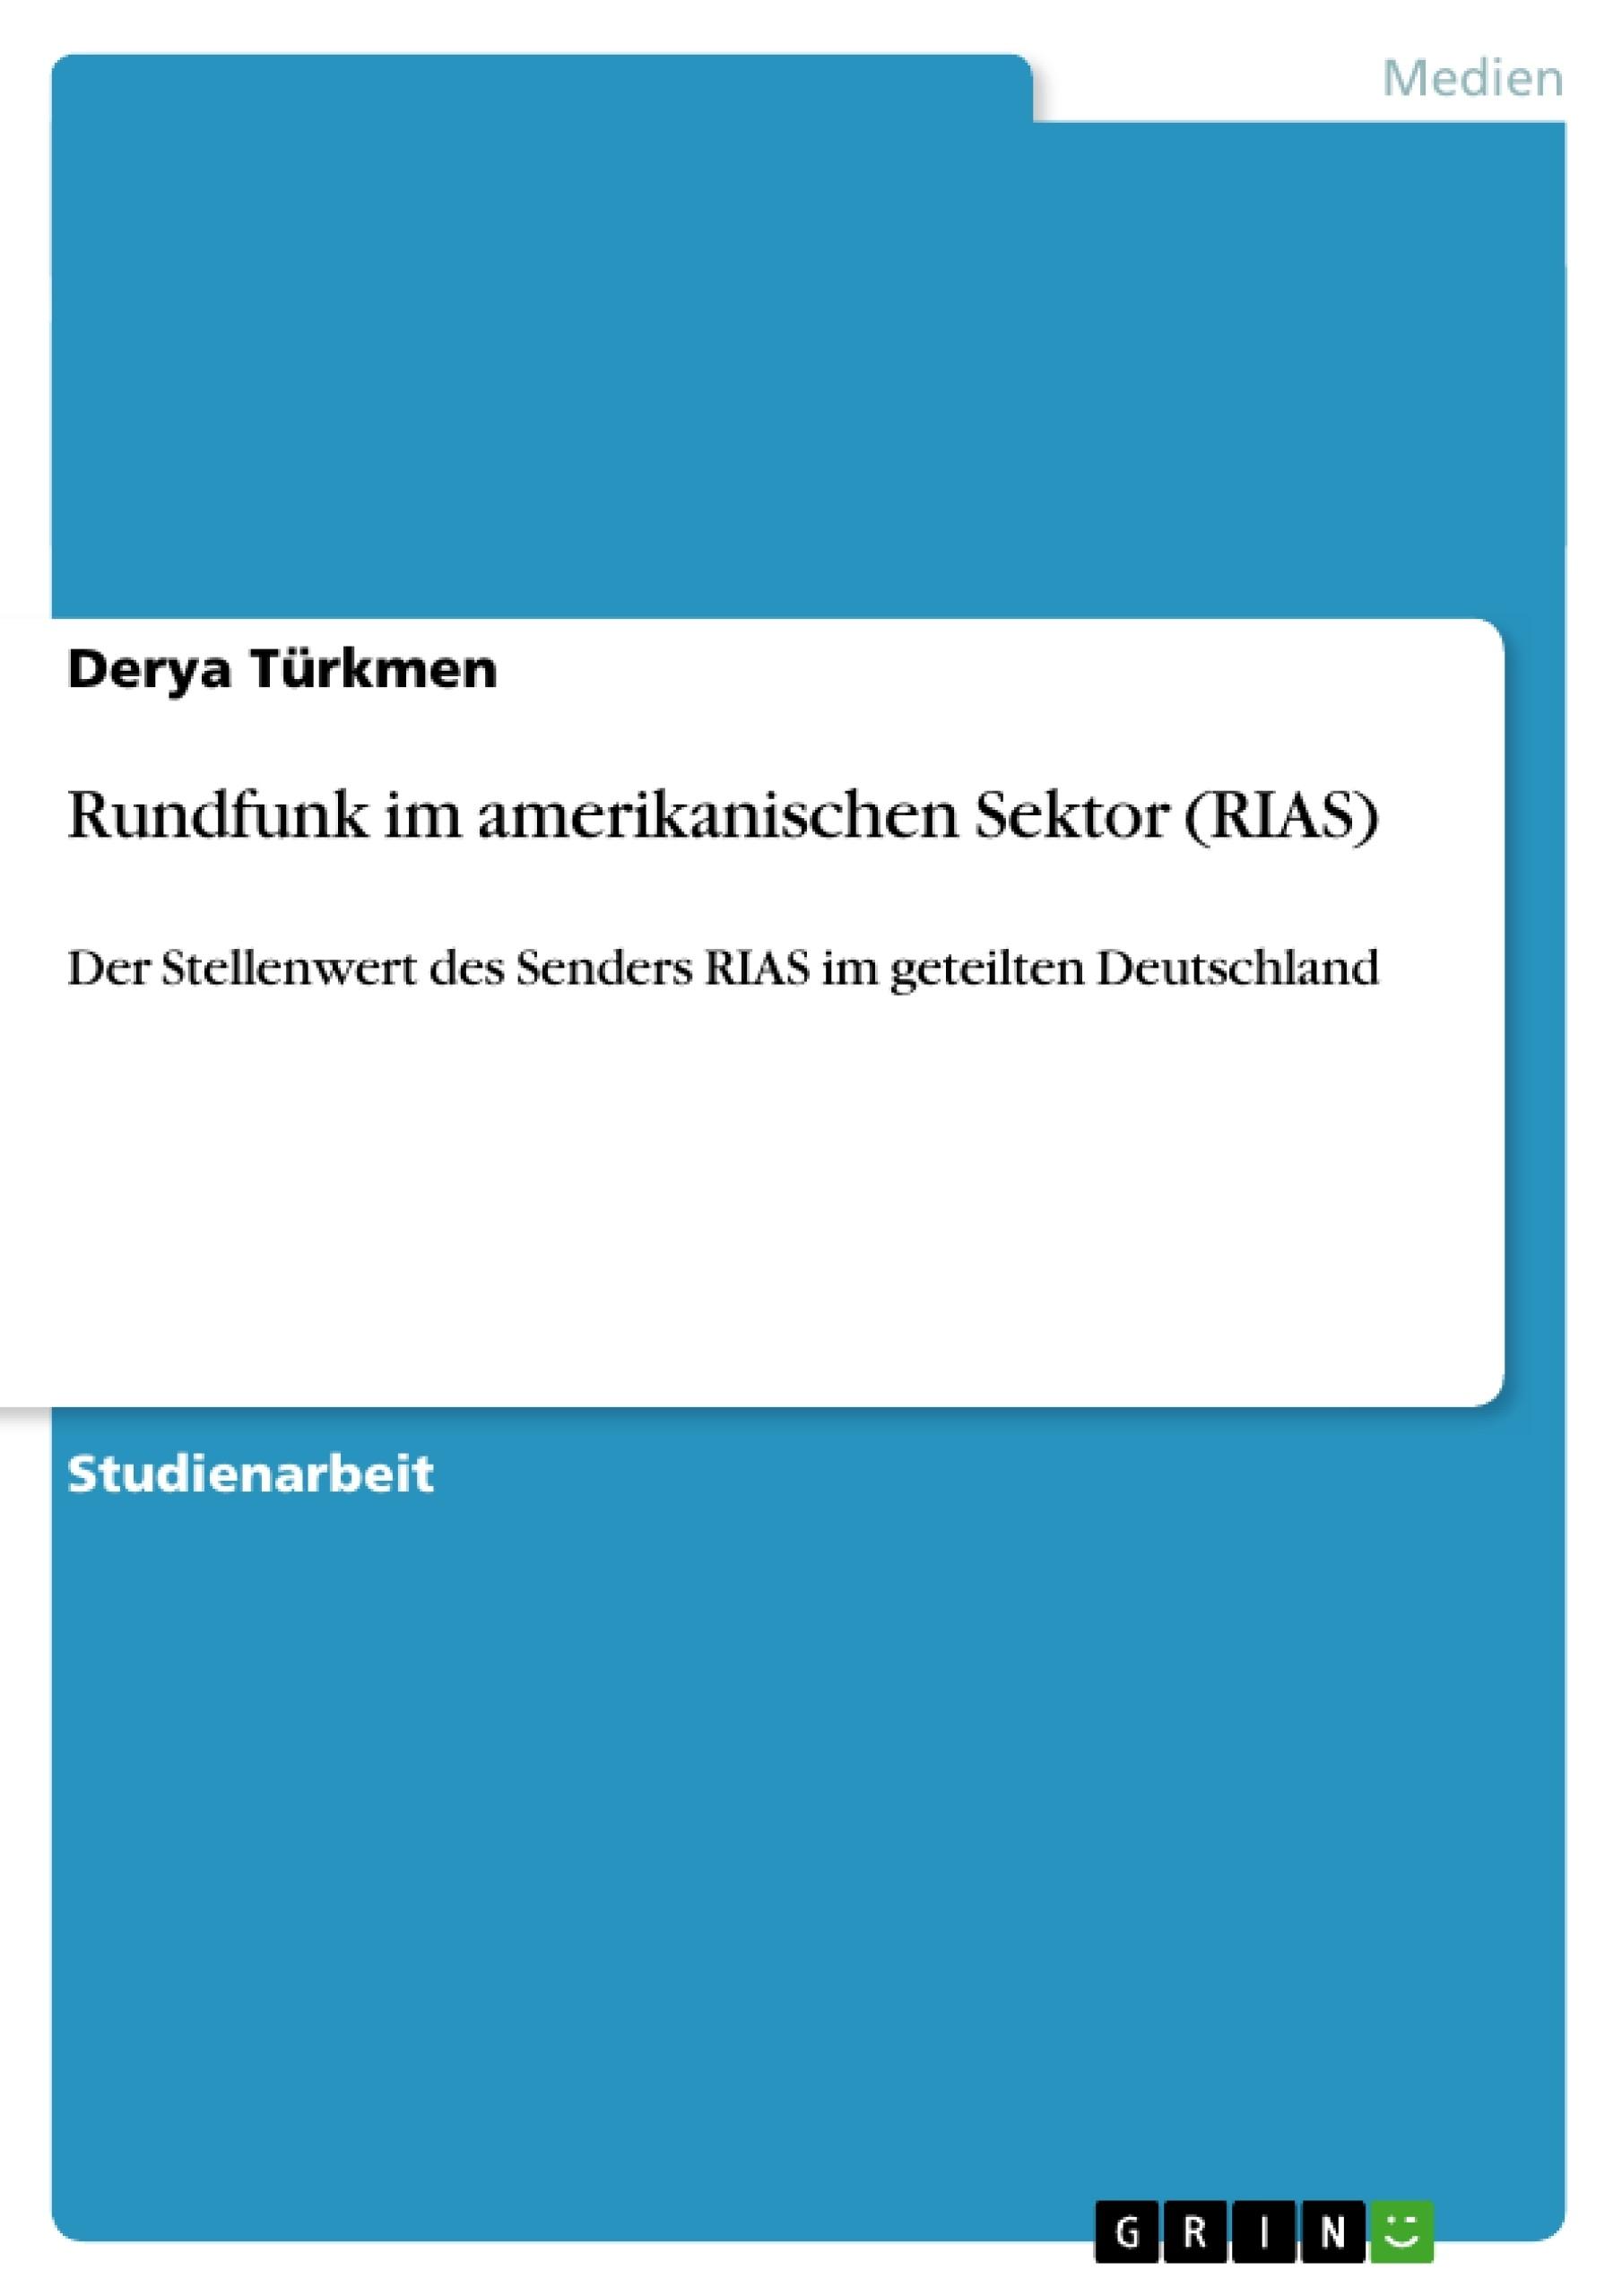 Titel: Rundfunk im amerikanischen Sektor (RIAS)